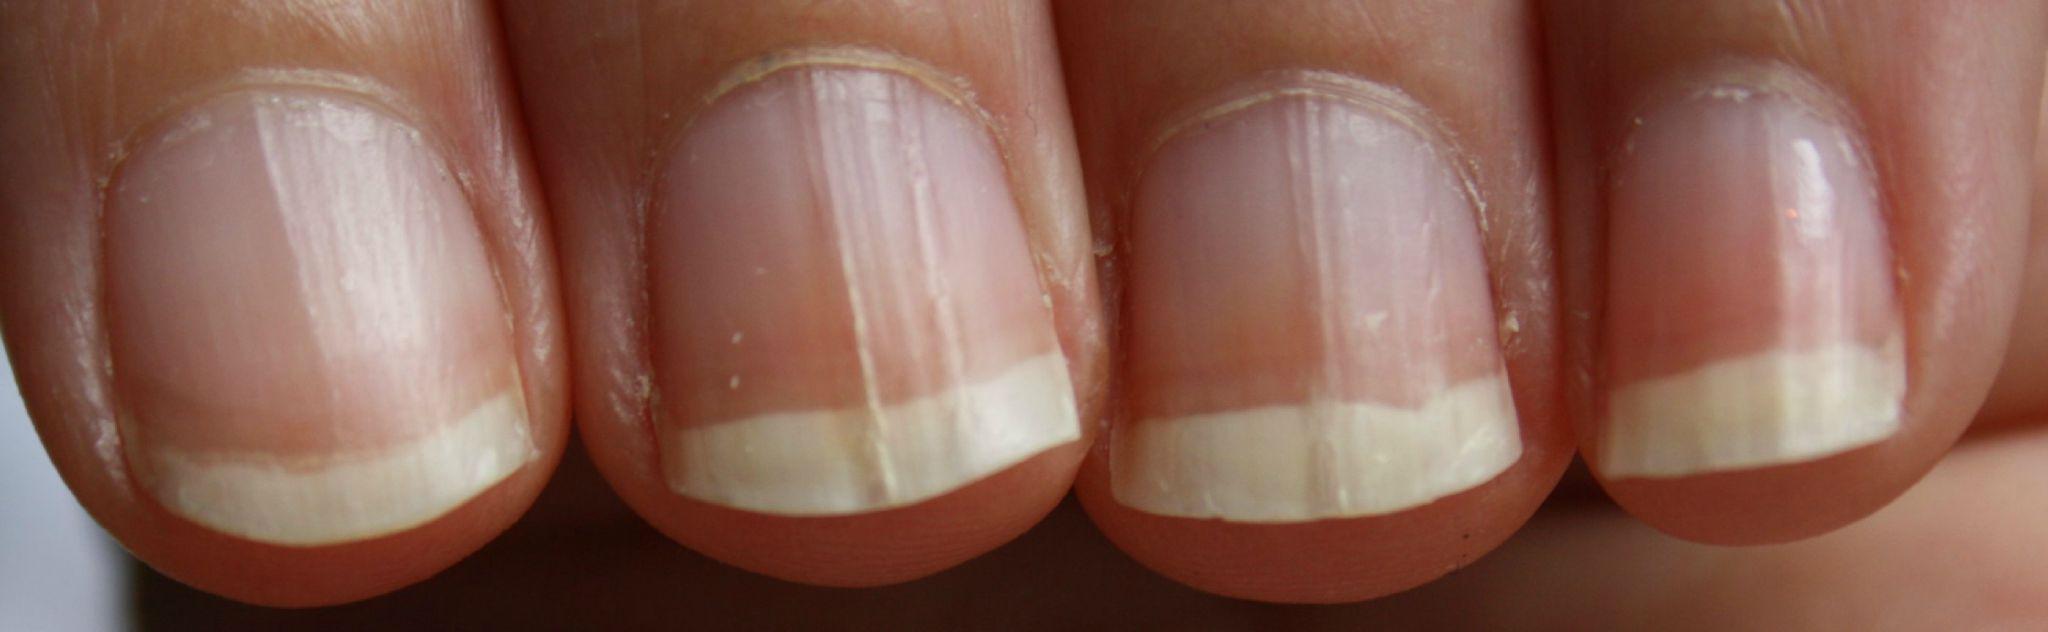 Attention ongles nus photos choquantes bifidus inactif - Comment bien se couper les ongles des mains ...